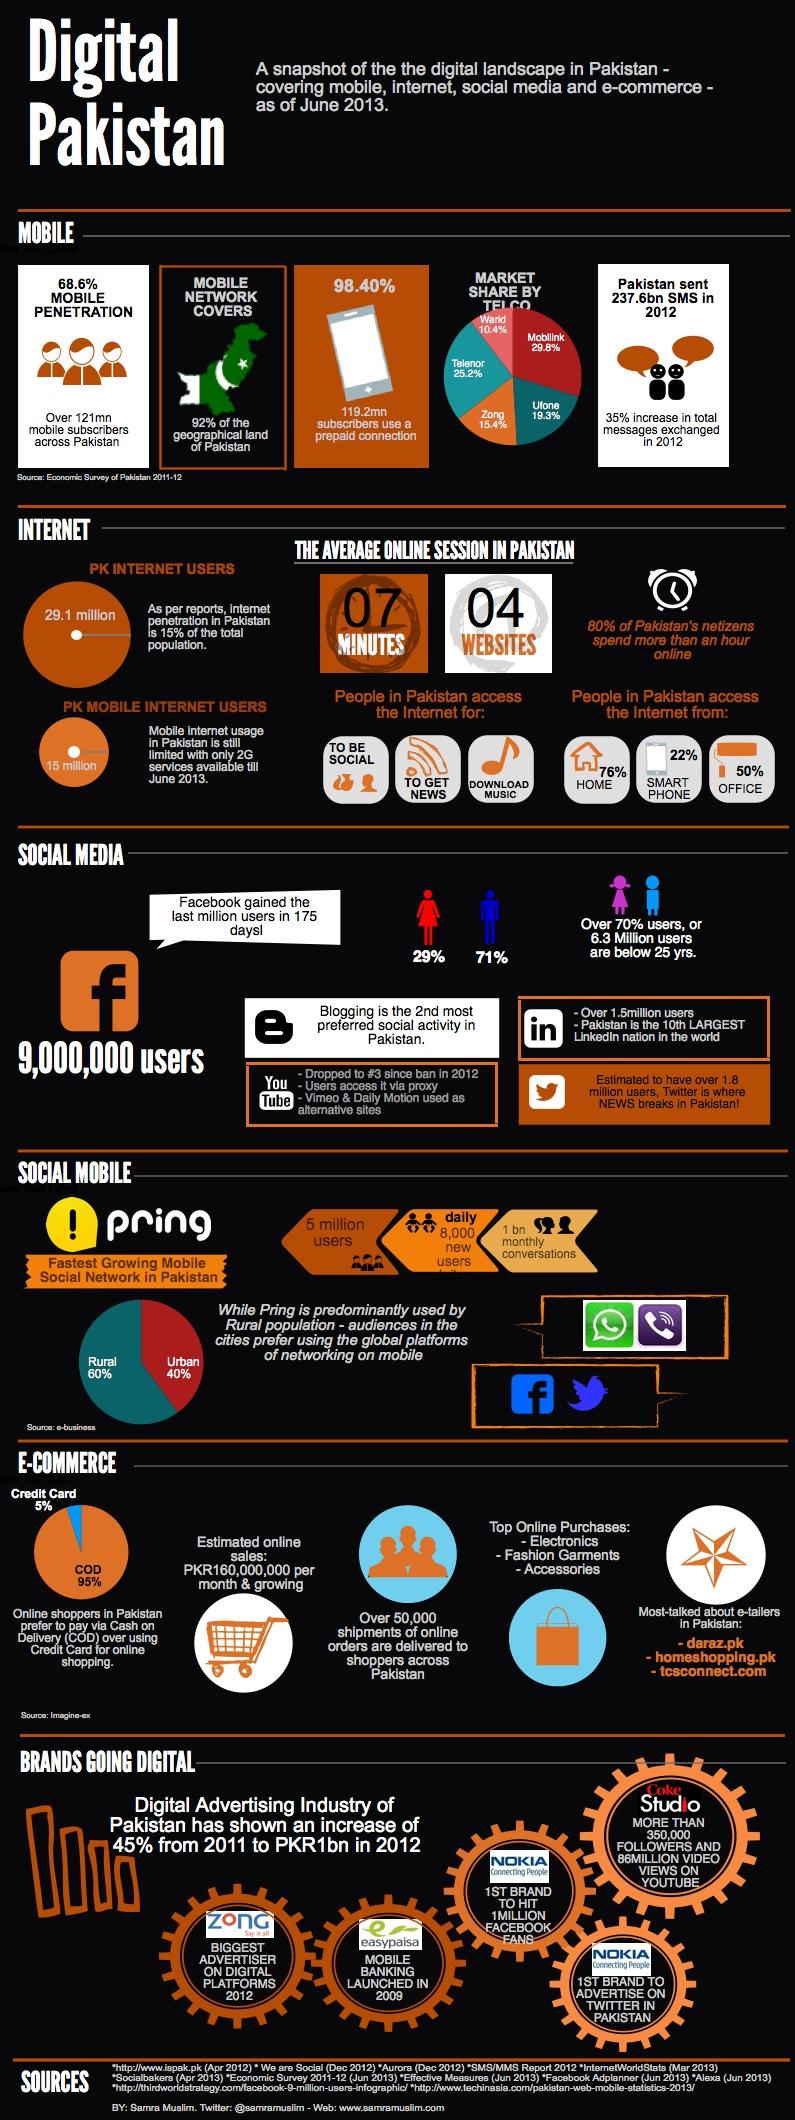 Digital Pakistan infographic June 2013 - Le E-commerce au Pakistan